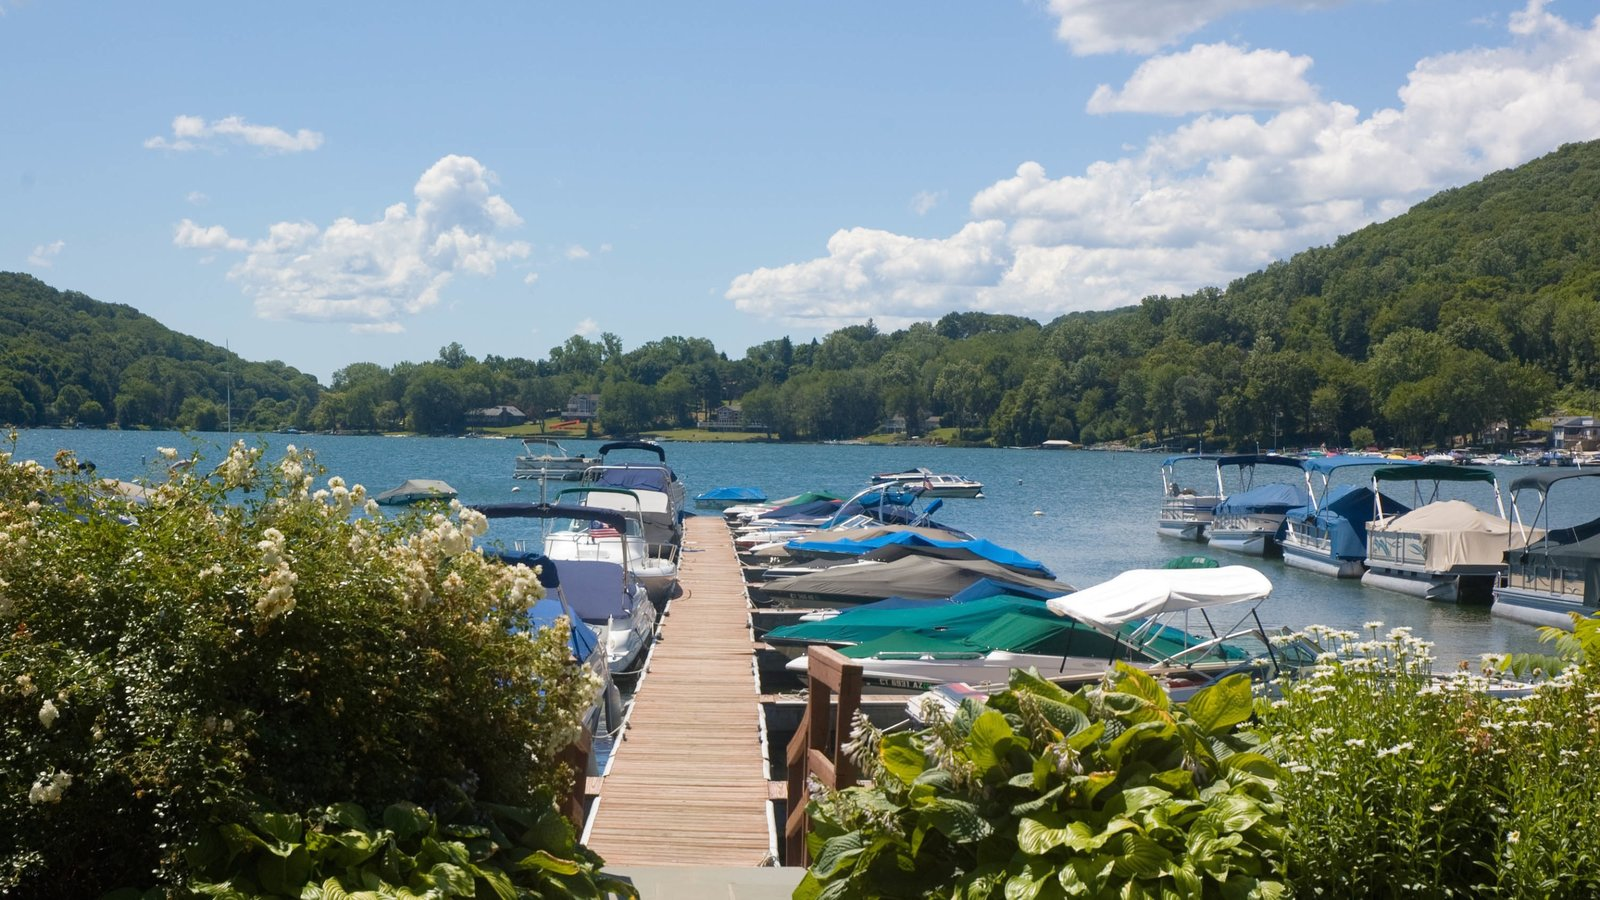 Danbury ofreciendo un lago o abrevadero y una marina